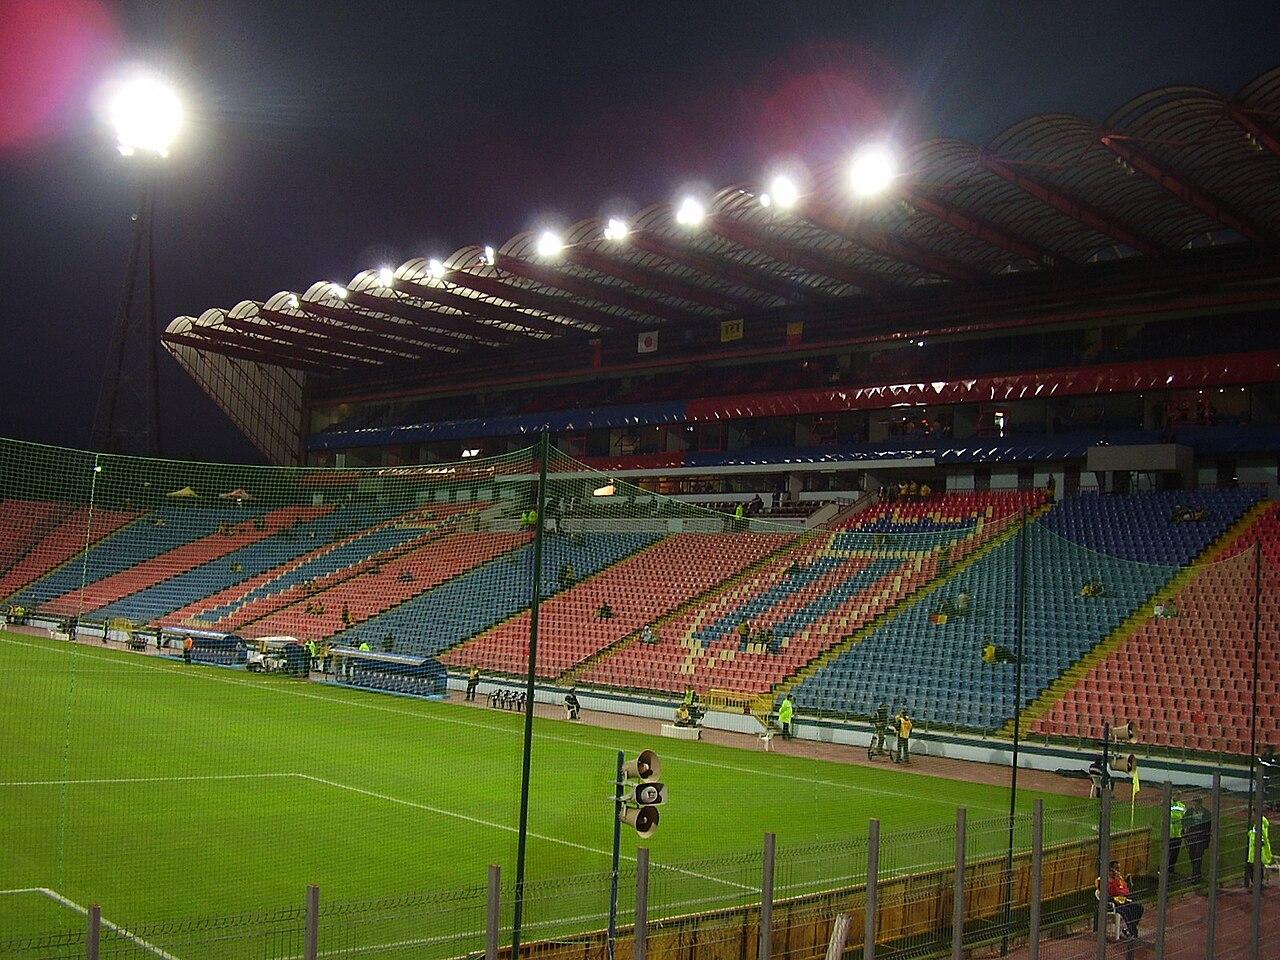 astazi-incepe-demolarea-stadionului-steaua-pt-pregatirea-ce-fotbal-2020